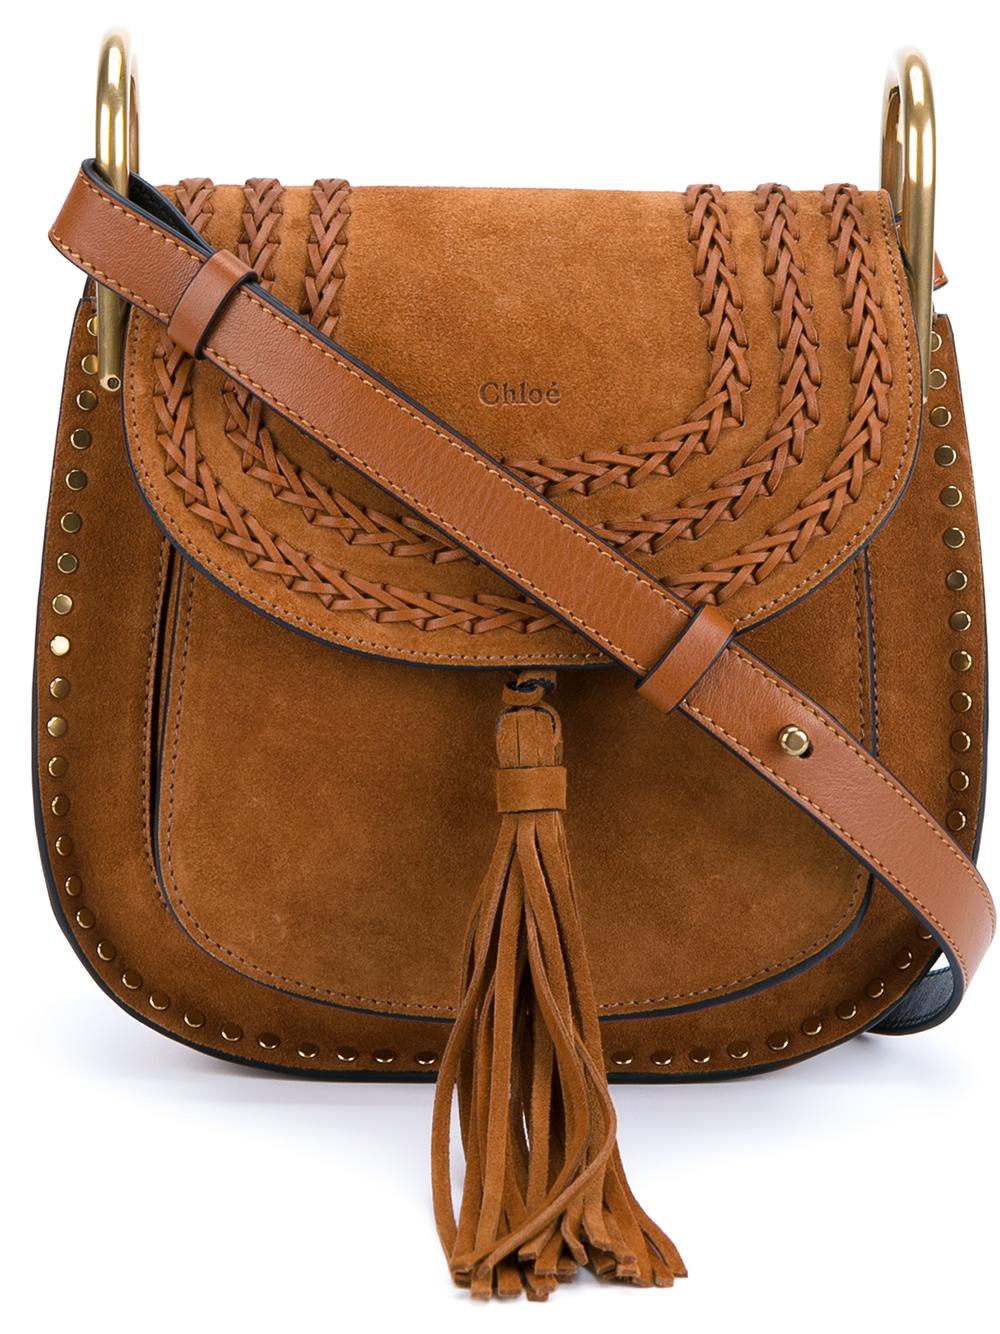 a5ee3f67c6 Chloé Brown Small 'hudson' Crossbody Bag